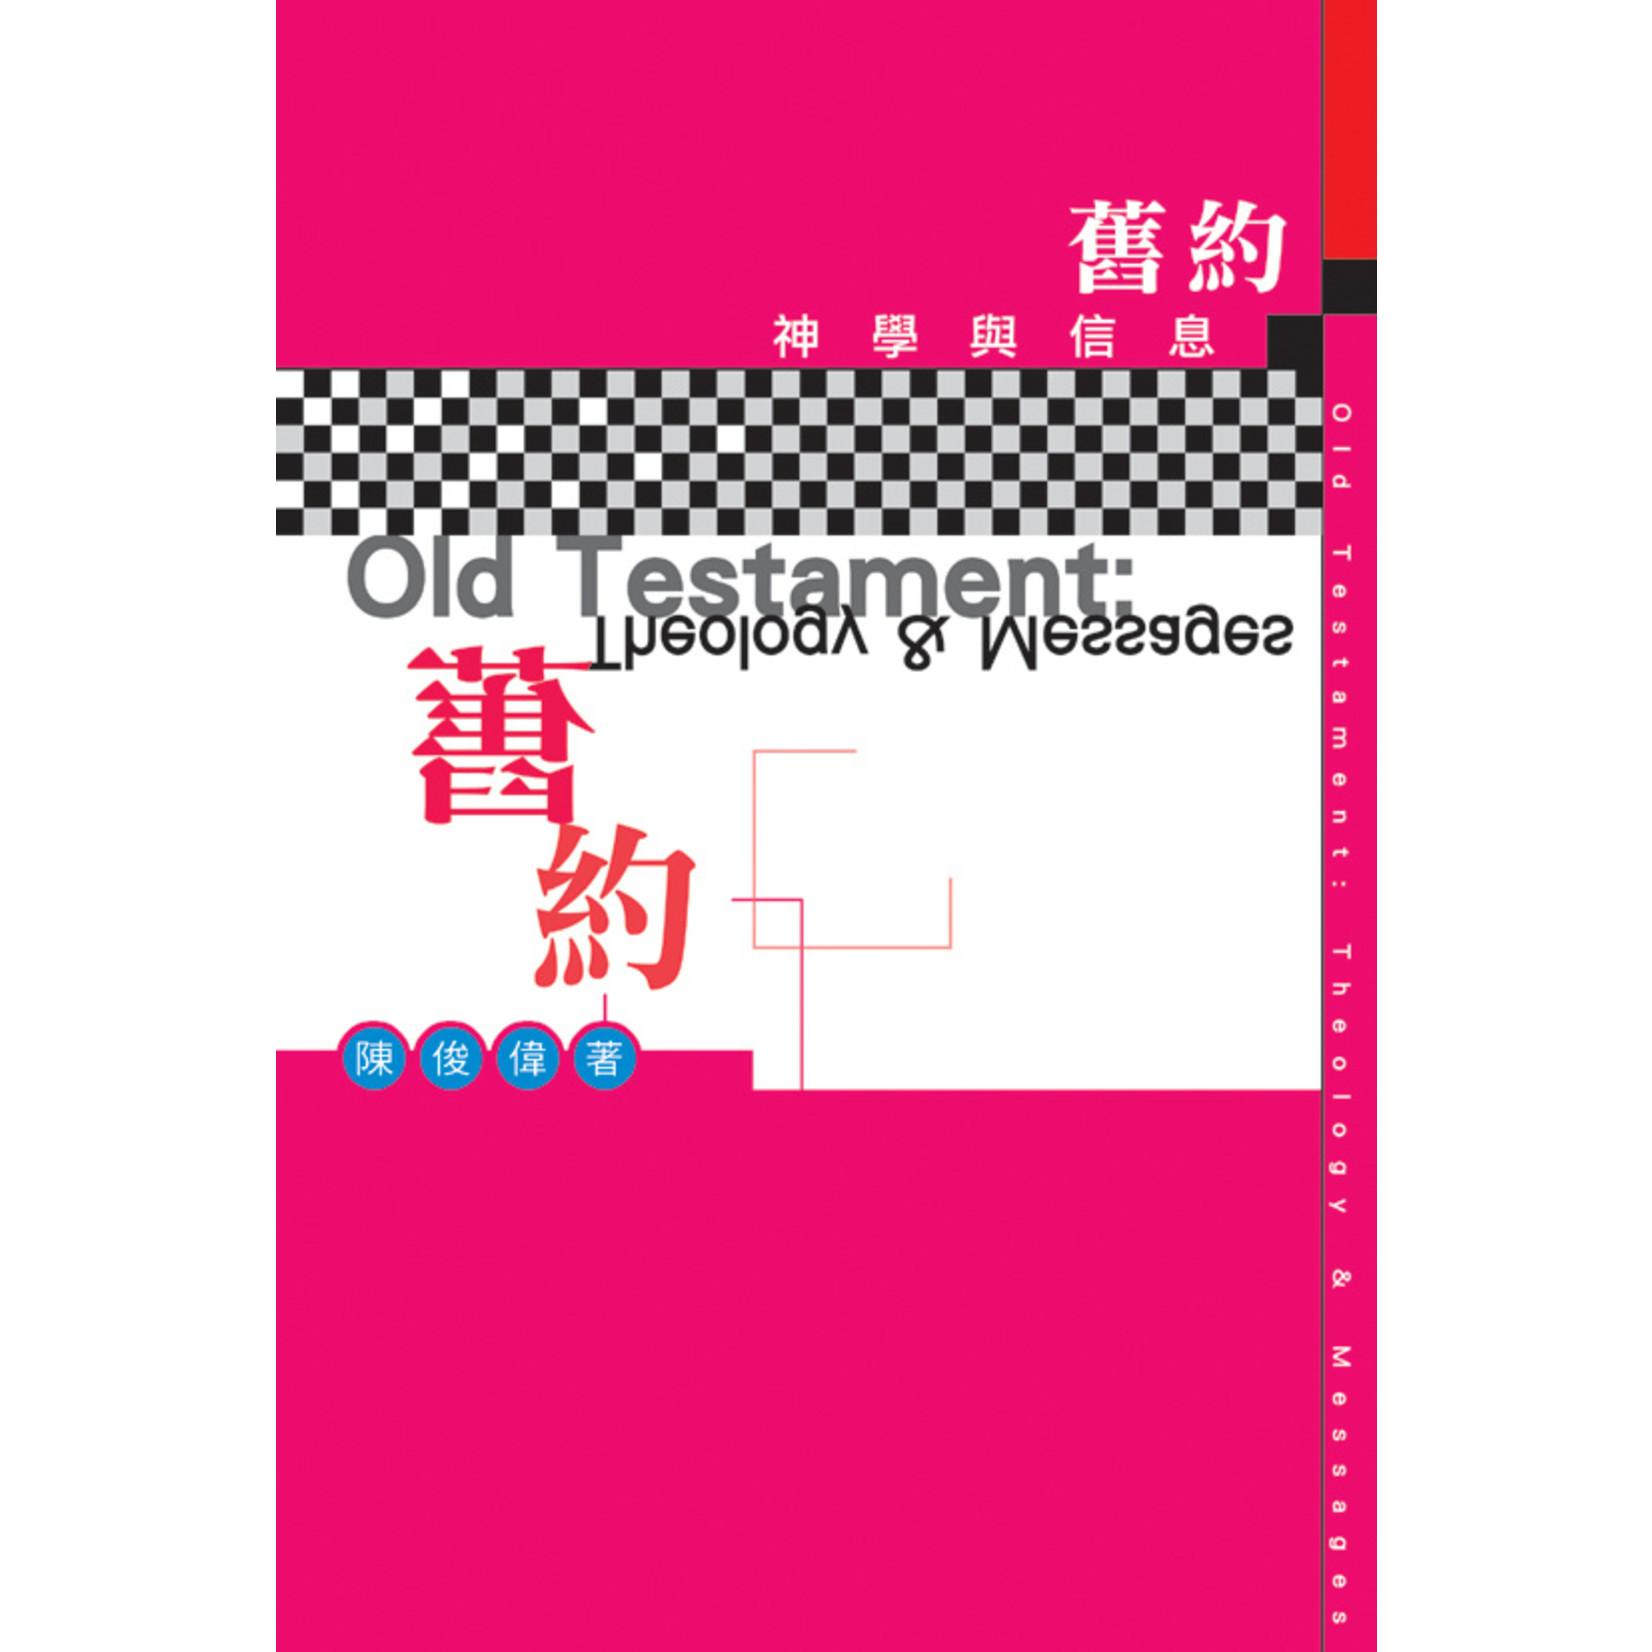 天道書樓 Tien Dao Publishing House 舊約:神學與信息 Old Testament: Theology & Messages